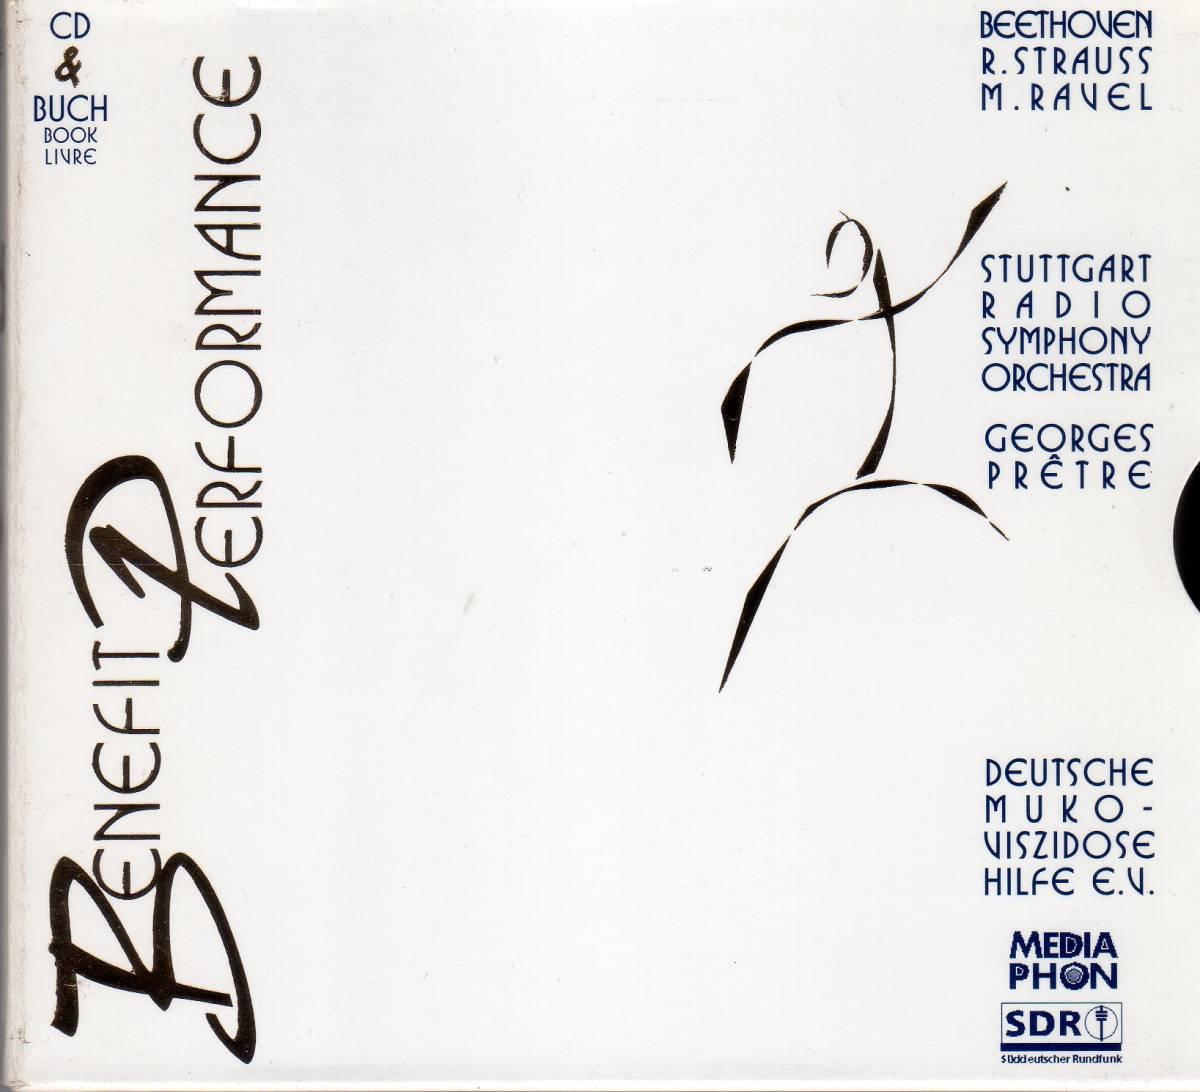 【SDR自主制作】プレートル/シュトゥットガルトRSO ラヴェル、R.シュトラウス、ベートーヴェン:交響曲第7番他